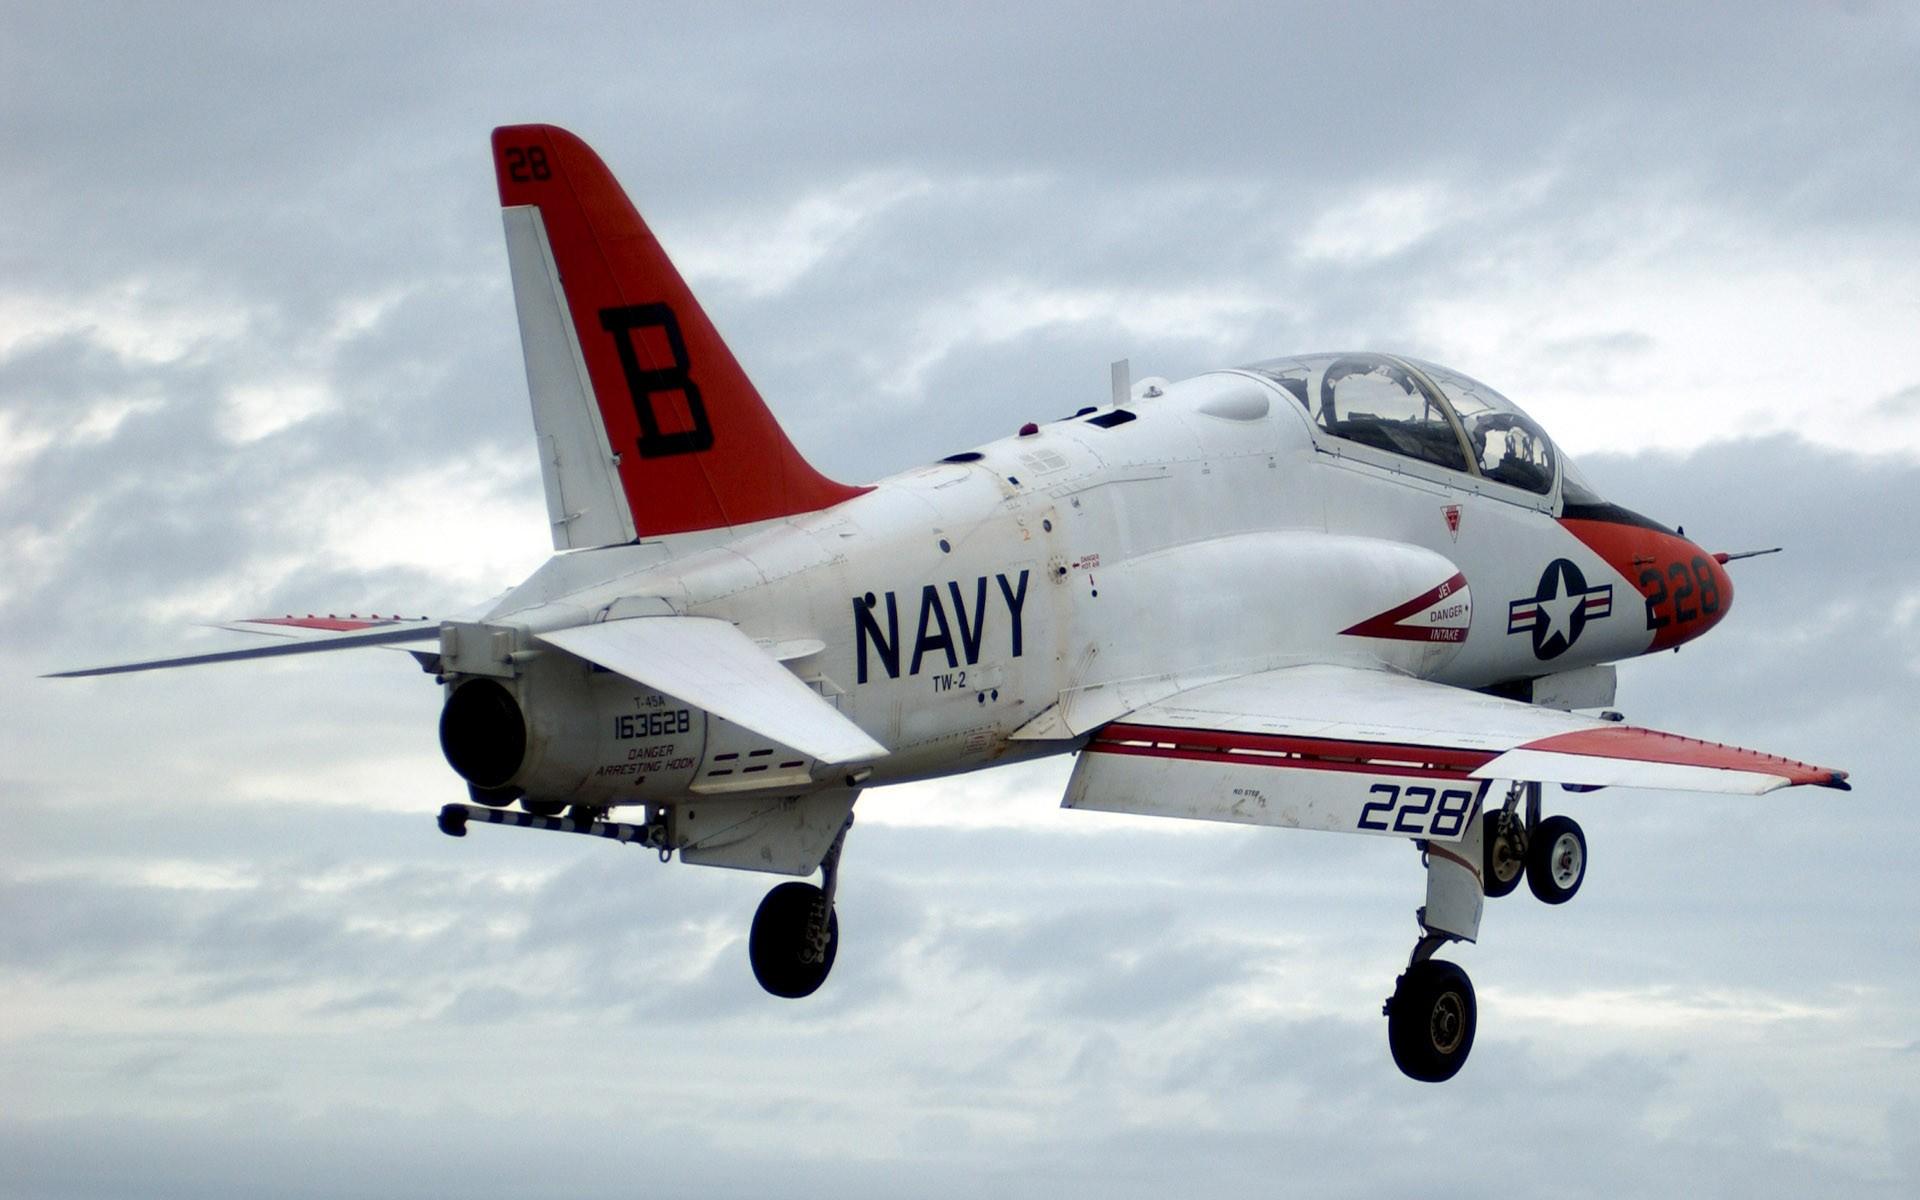 Un Avión de los Navy - 1920x1200